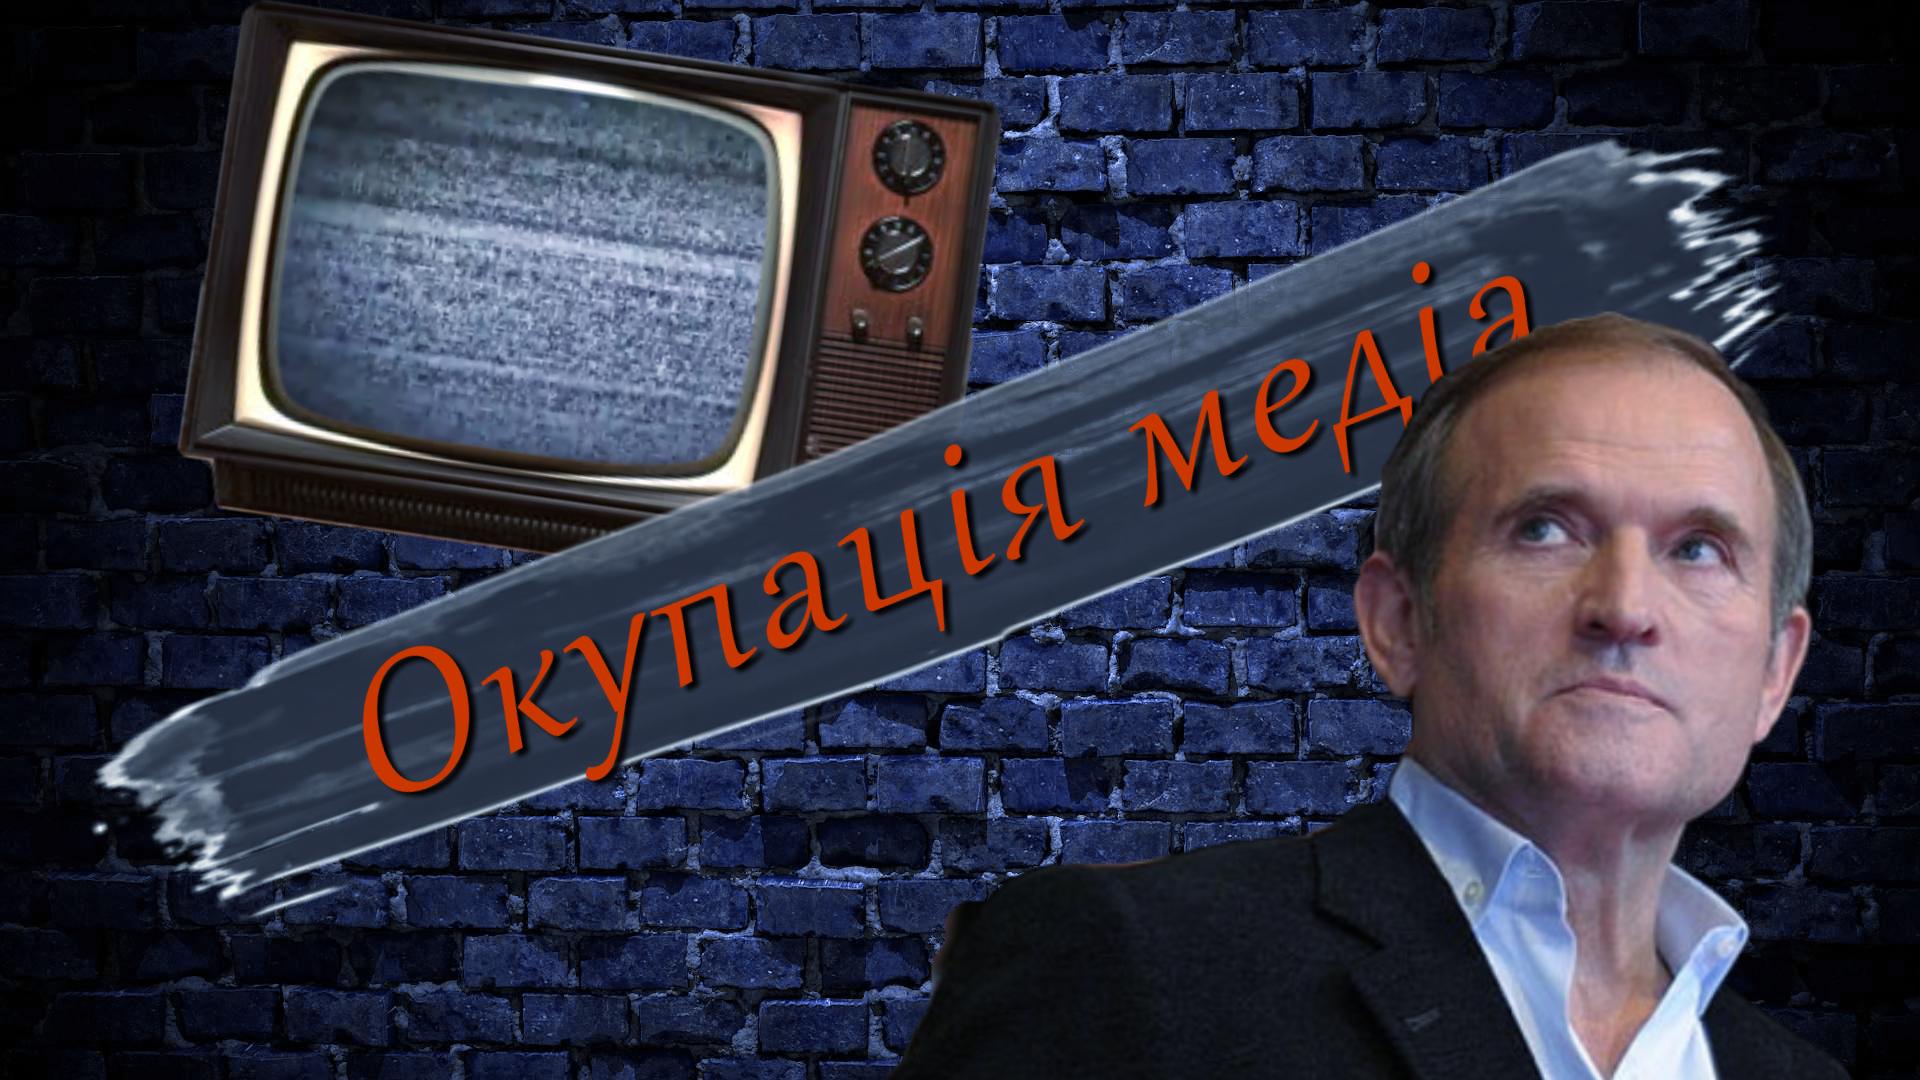 Медведчук продовжує скуповувати українські телеканали, і викупив один із головних каналів країни